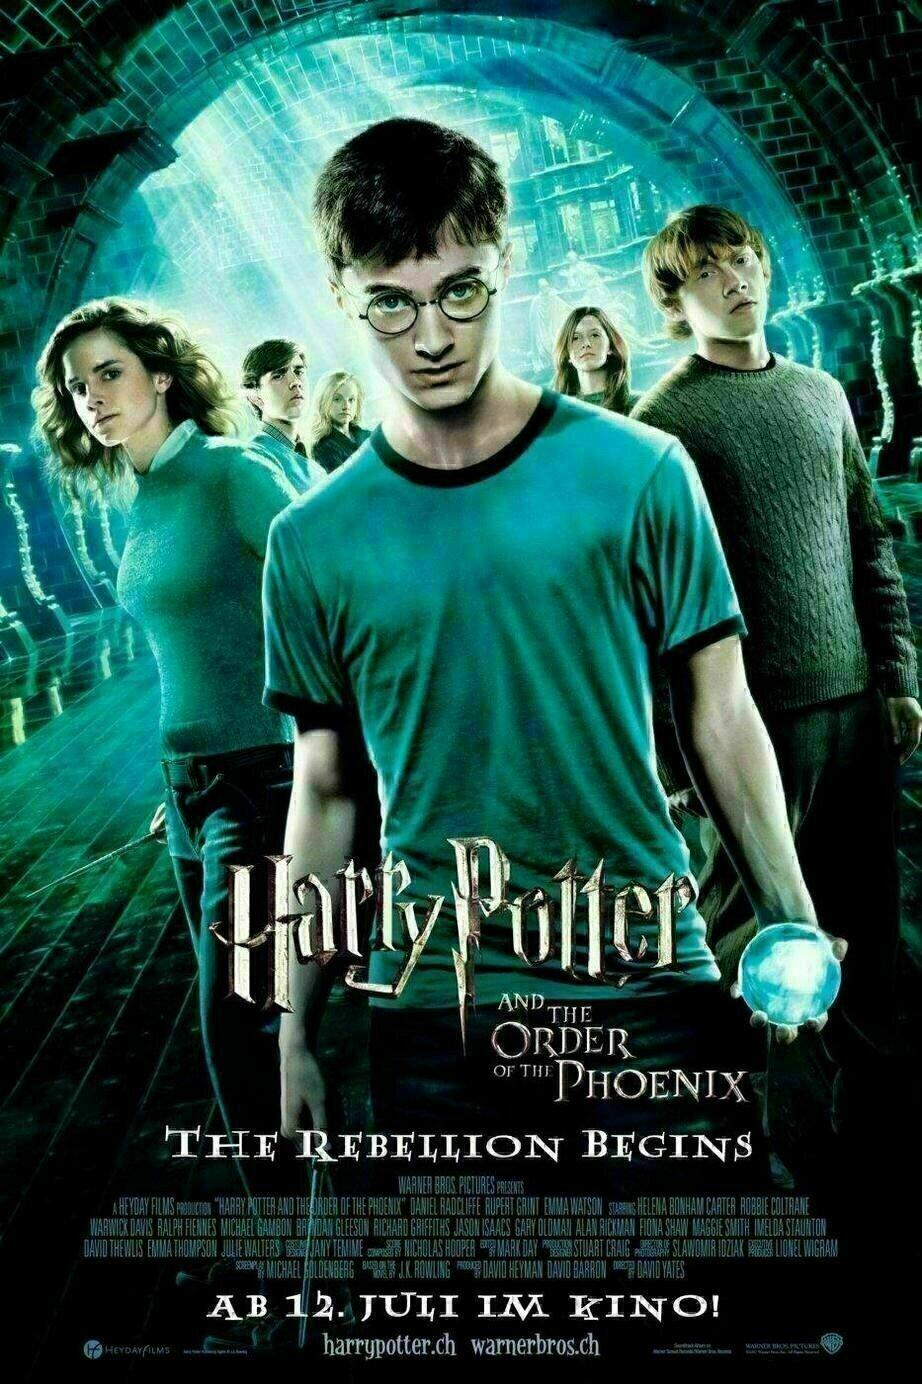 Harry Potter Und Der Orden Des Phonix Szenenbilder Und Poster Film Critic De